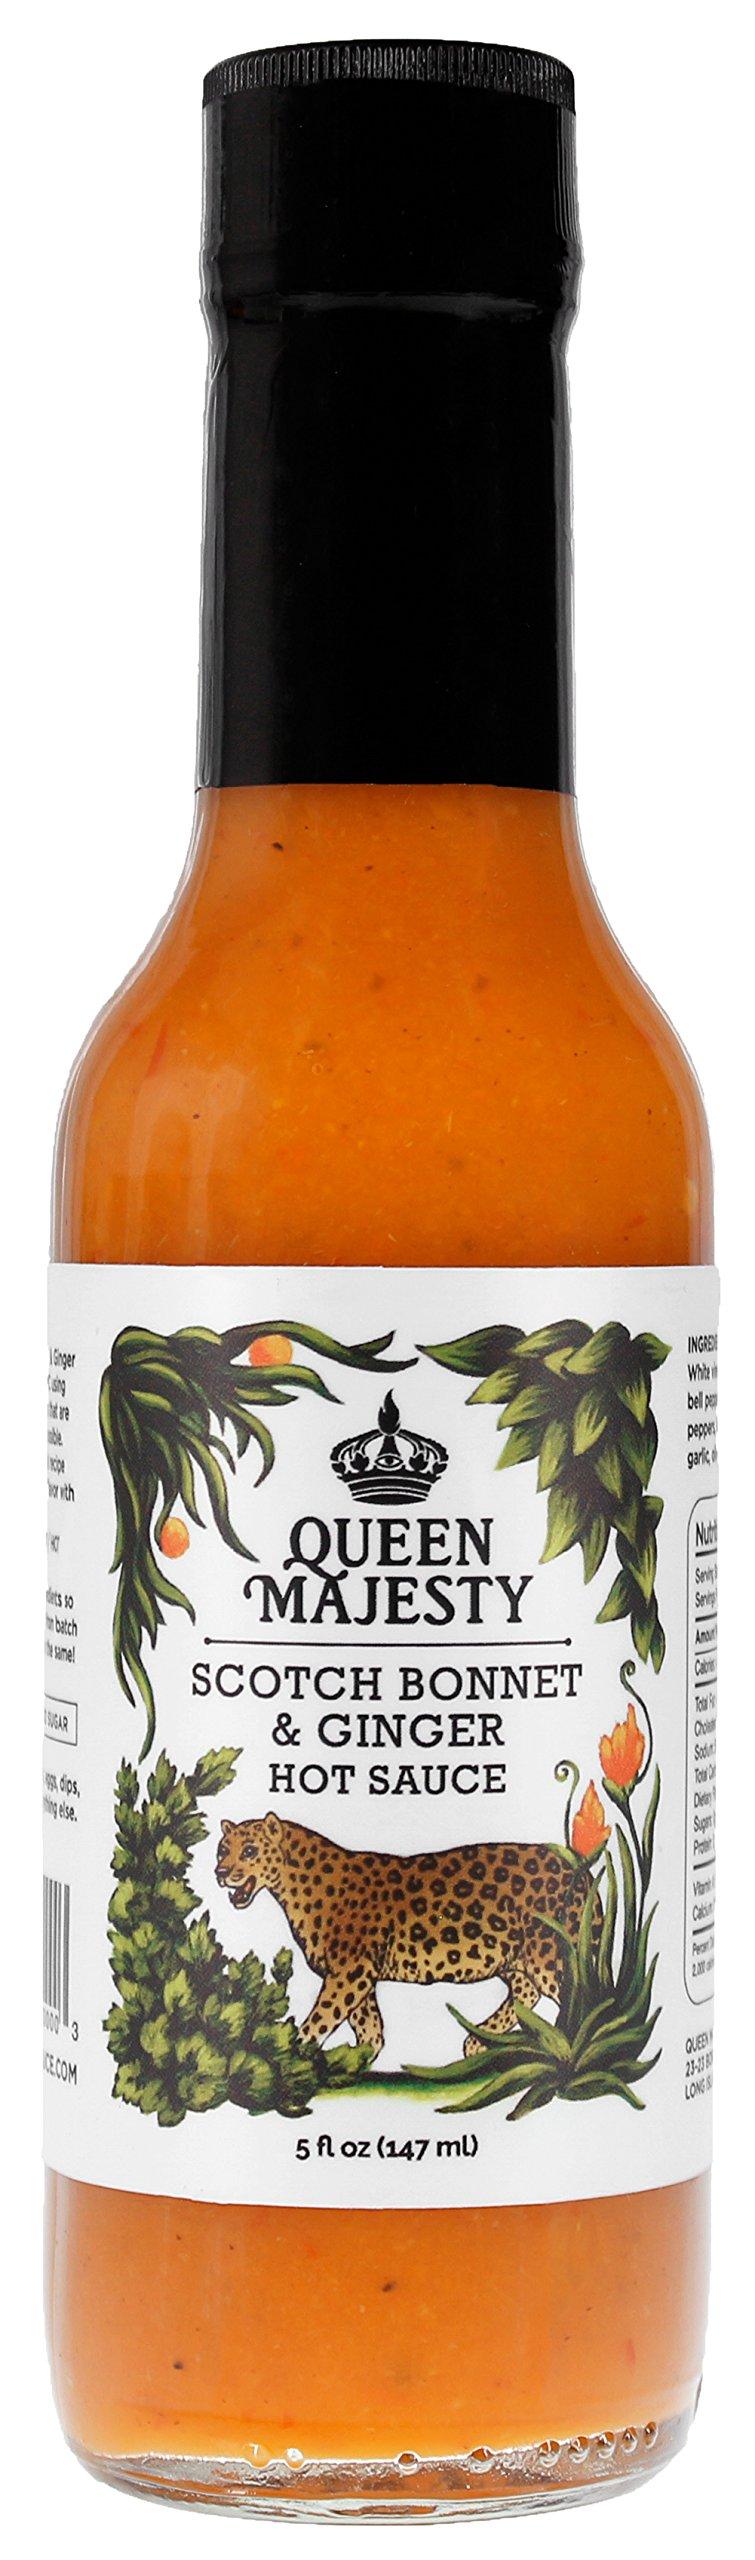 QUEEN MAJESTY HOT SAUCE Hot Sauce Scotch Bonnet Ginger, 5 FZ